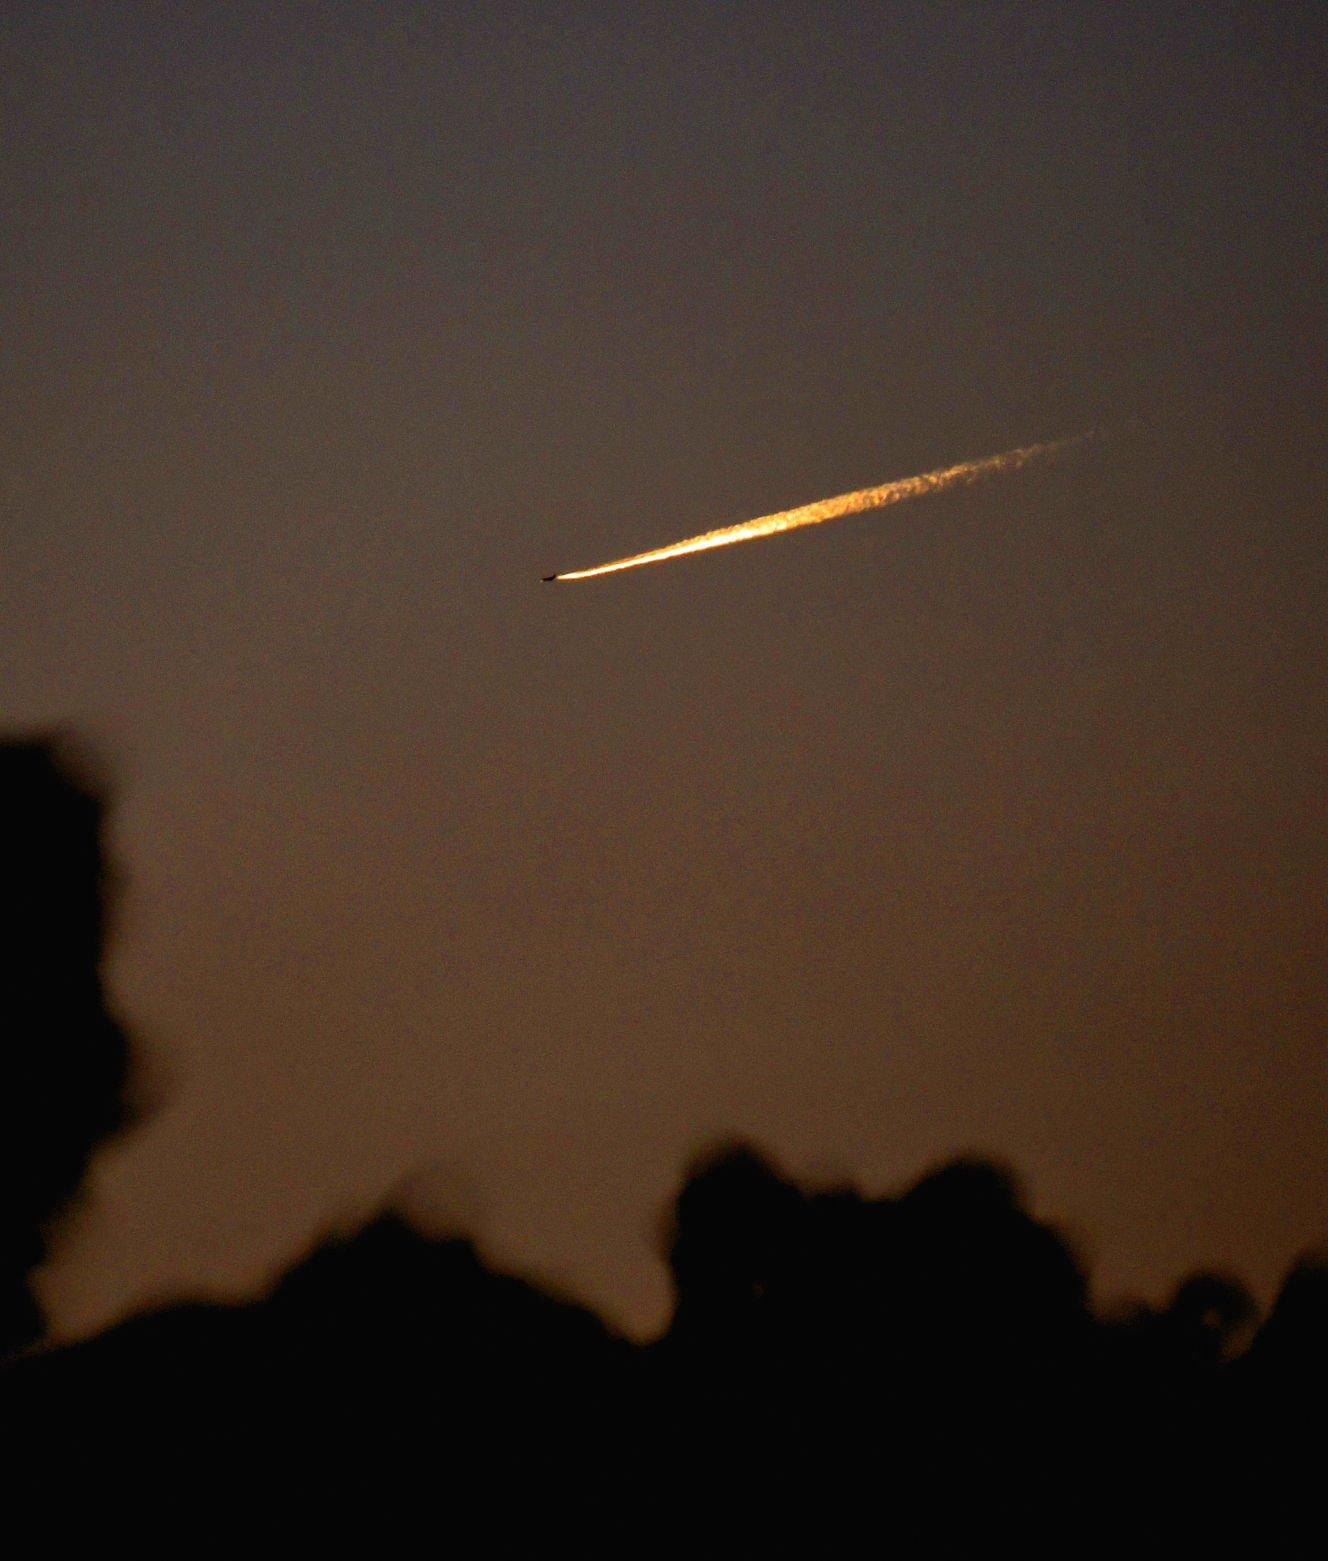 Not a comet